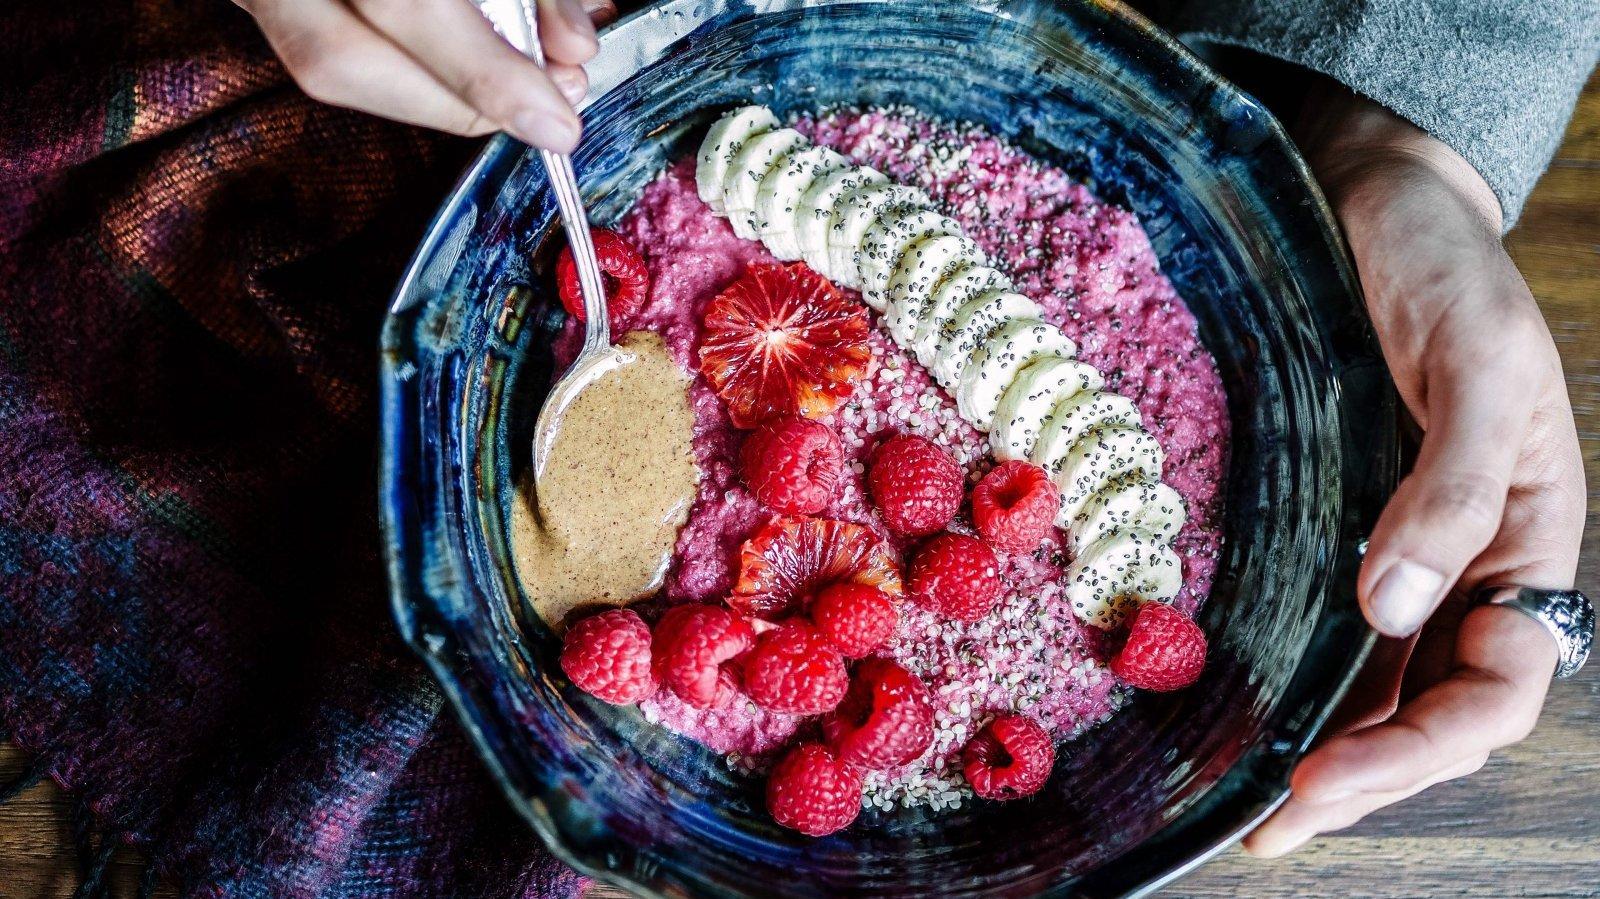 Las semillas de chia son ideales para tomar acompañando el desayuno.